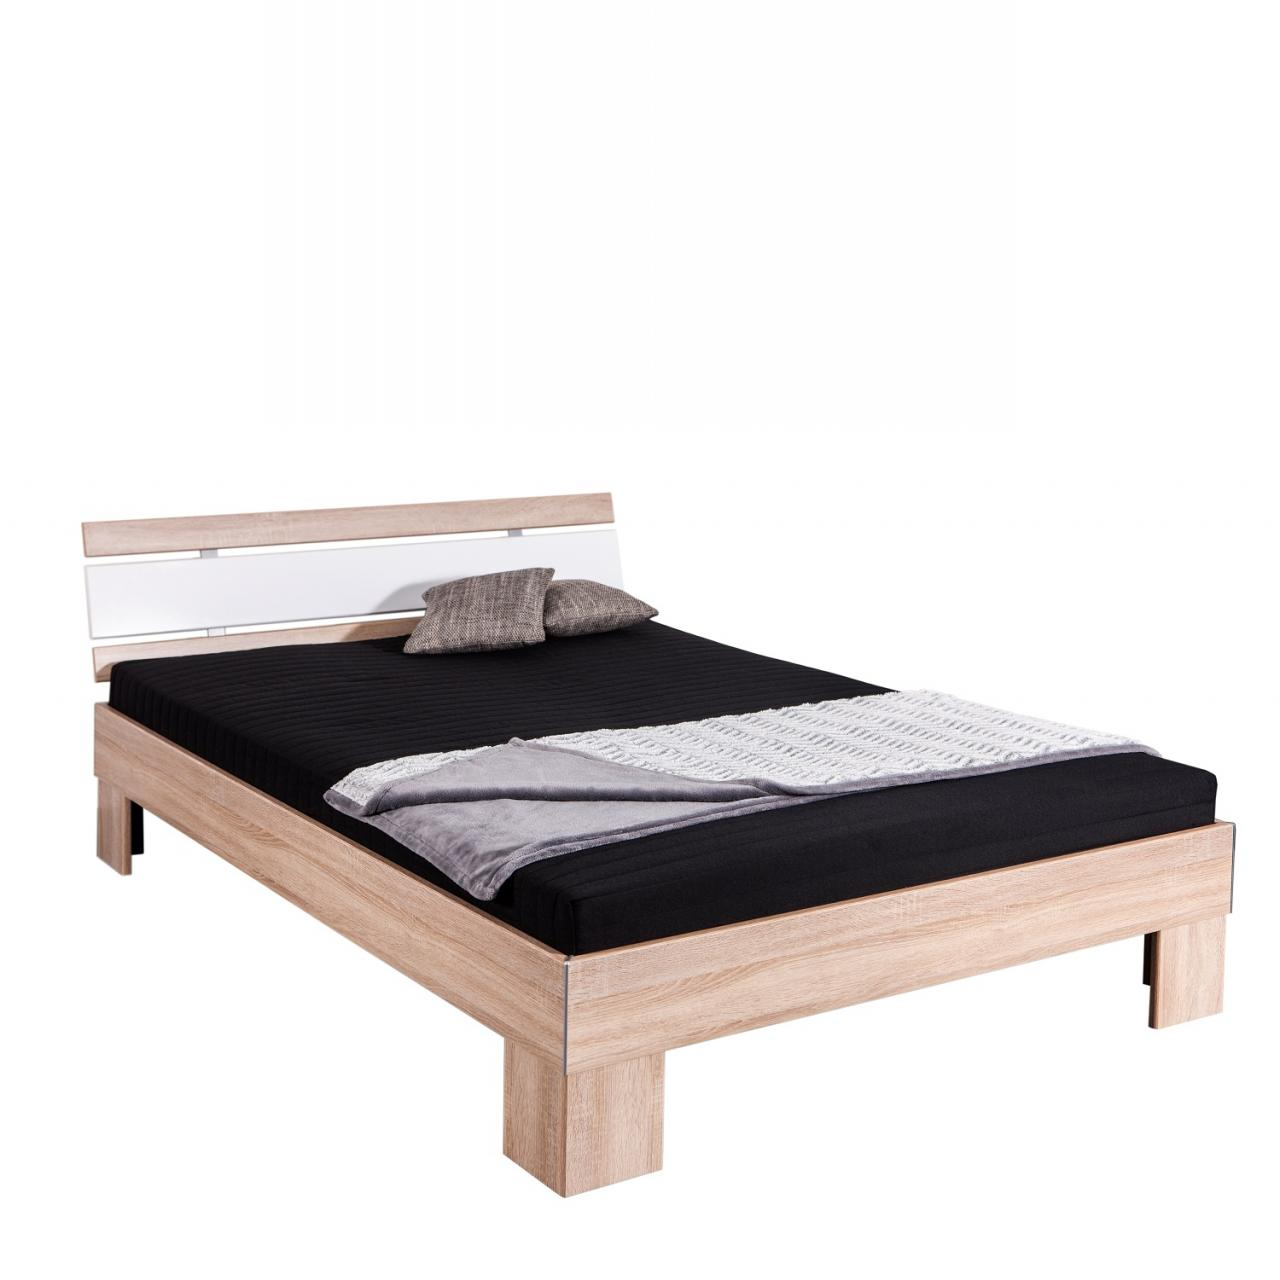 Full Size of Futonbett Set Jasper Eiche Sonoma Nb Wei Hochglanz 140x200 Mit Bett 100x200 Betten Weiß Wohnzimmer Futonbett 100x200